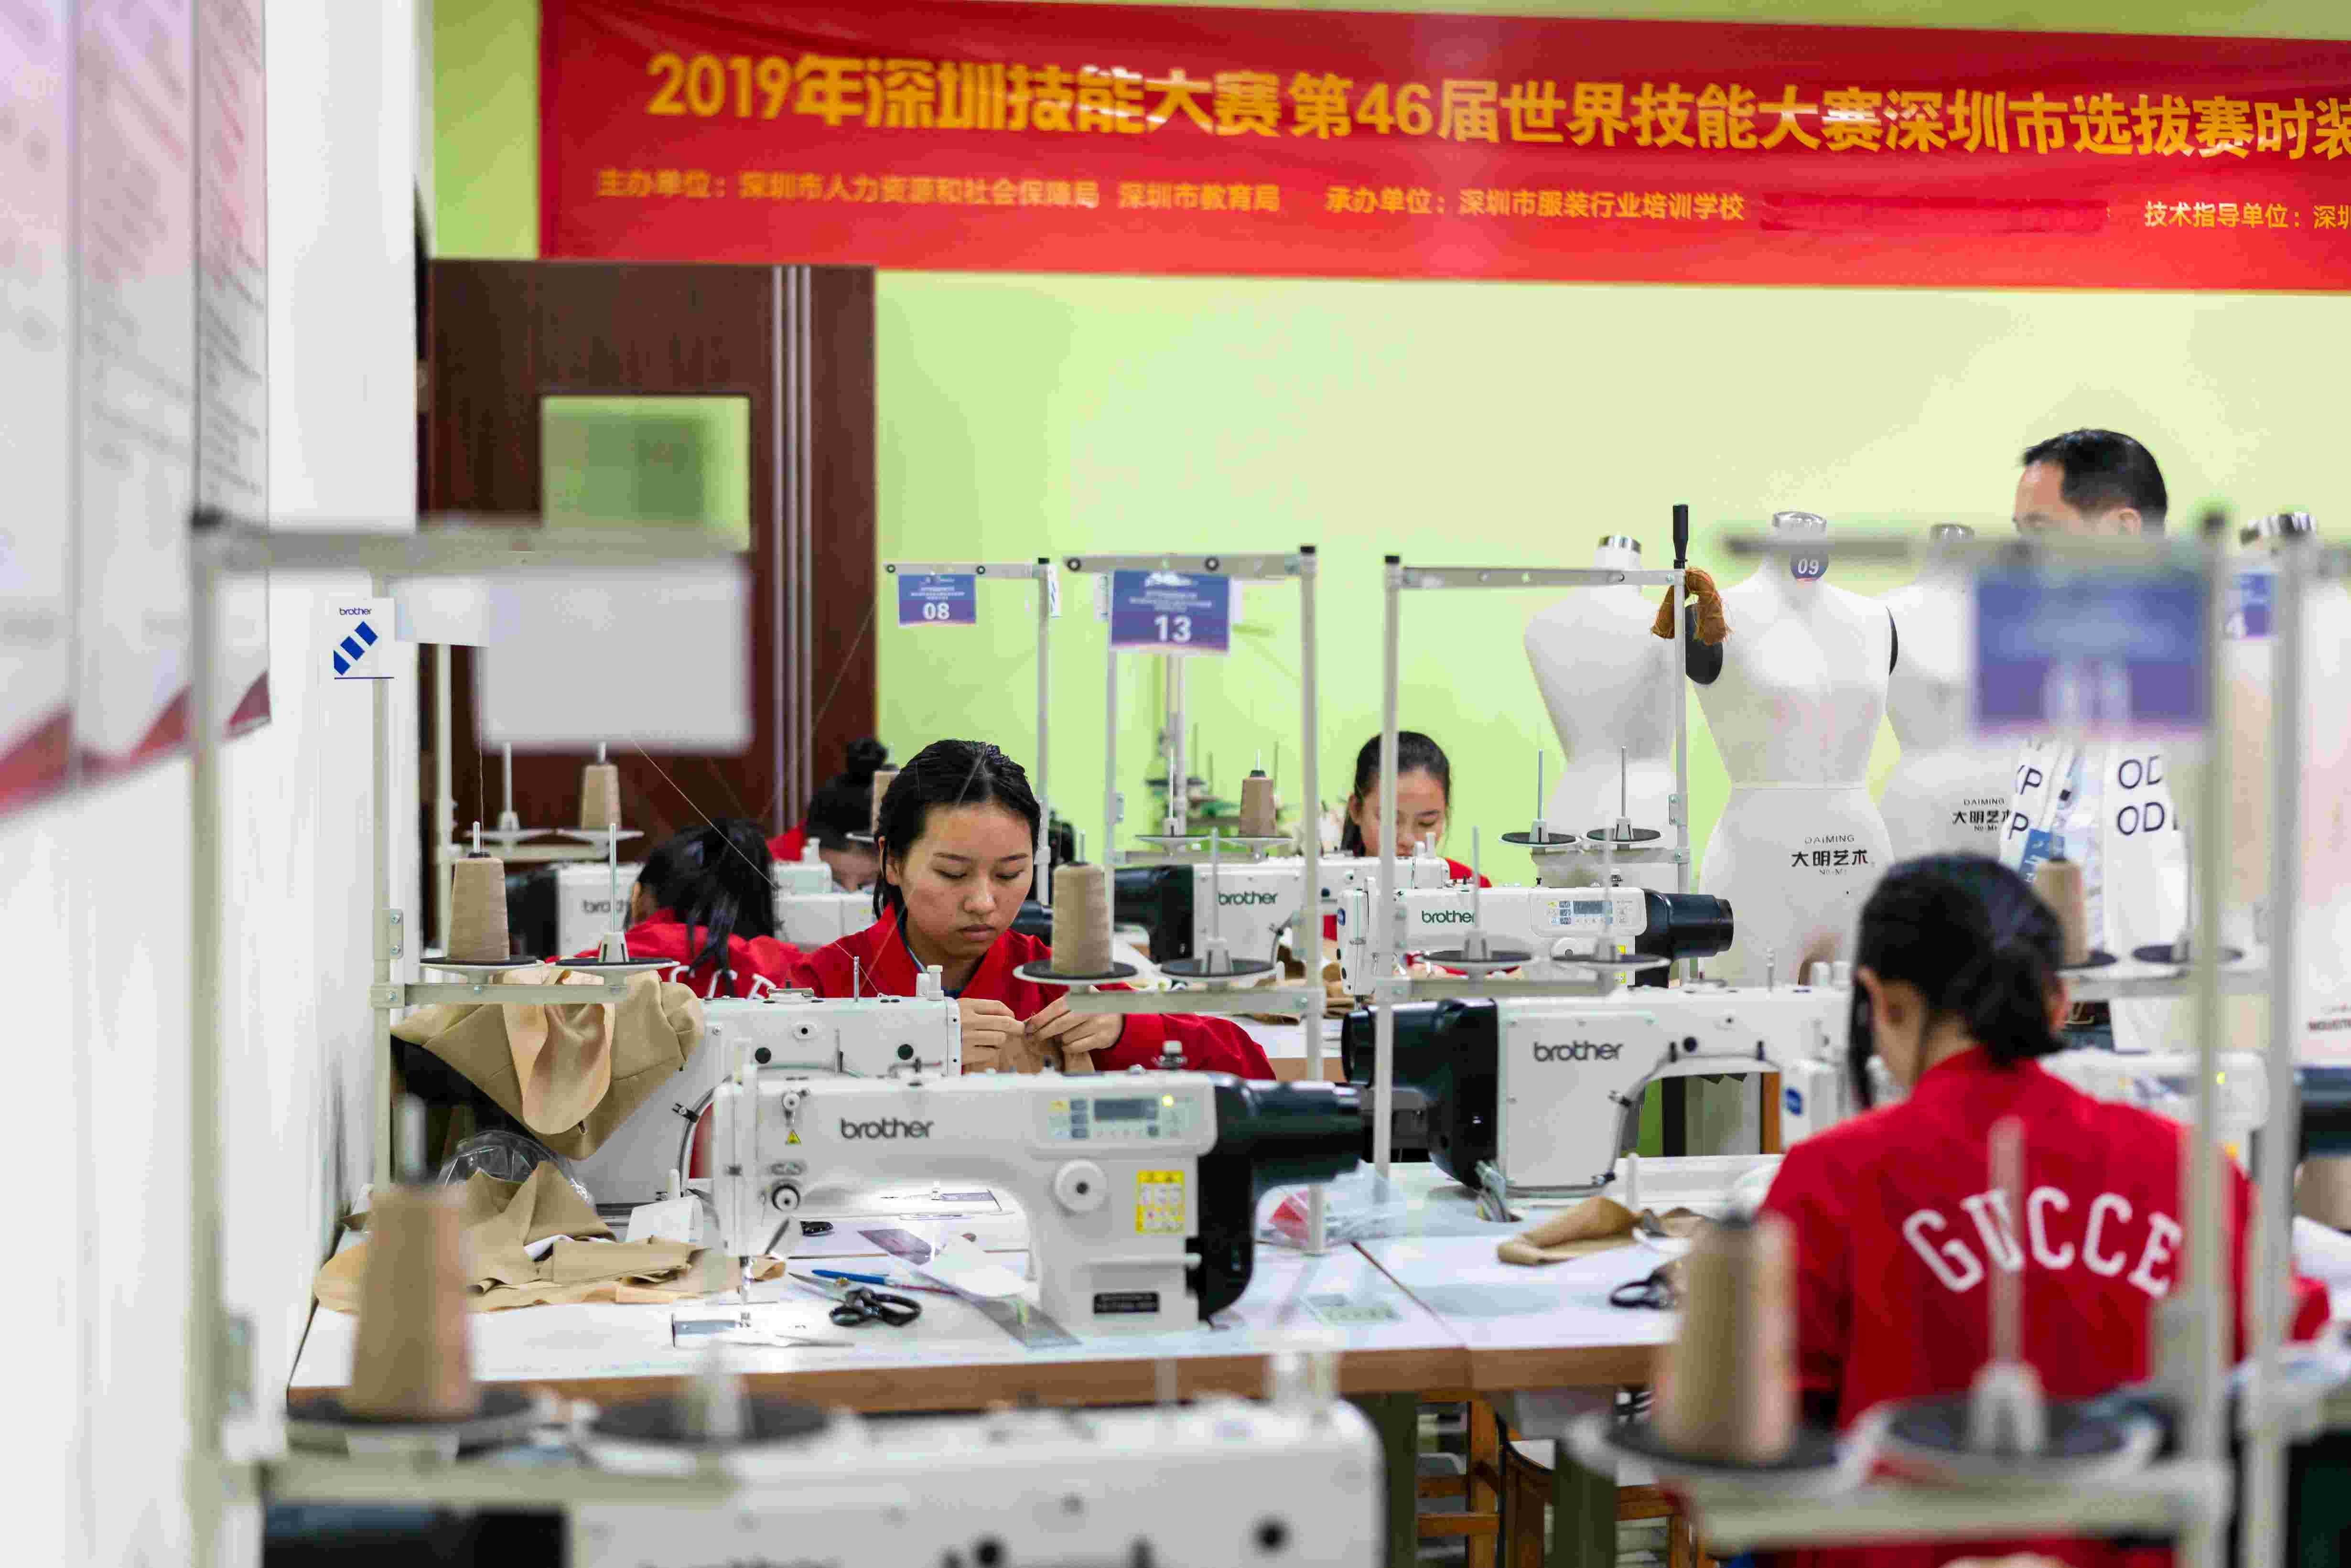 第46届世界技能大赛时装技术项目深圳选拔赛赛果揭晓